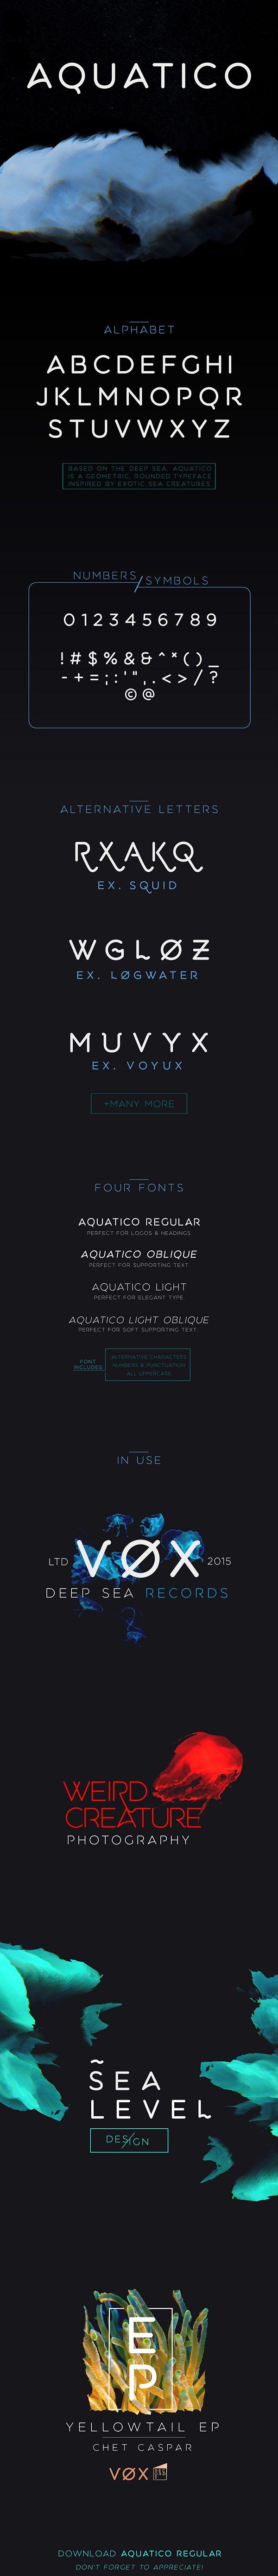 La police de caractère « Aquatico » vous est offerte et a été conçu par Andrew Herndon. Aquatico est une nouvelle police de caractères inspirée par les créatures des fonds marins. http://www.studiokarma.fr/aquatico-police-de-caractere-gratuite/